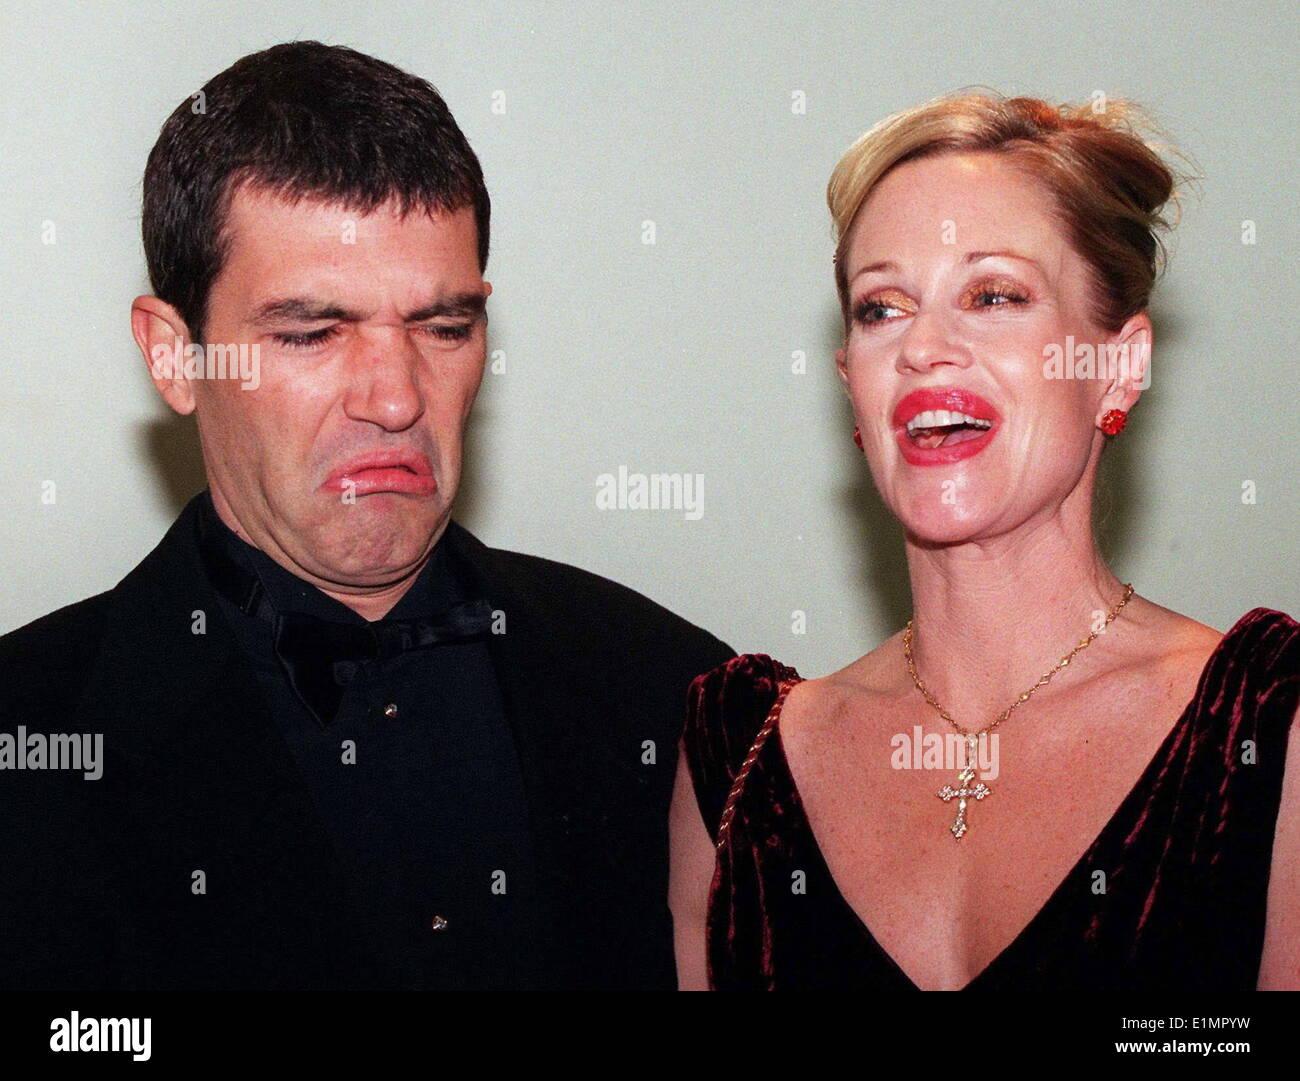 Melanie Griffith And Antonio Banderas 2013